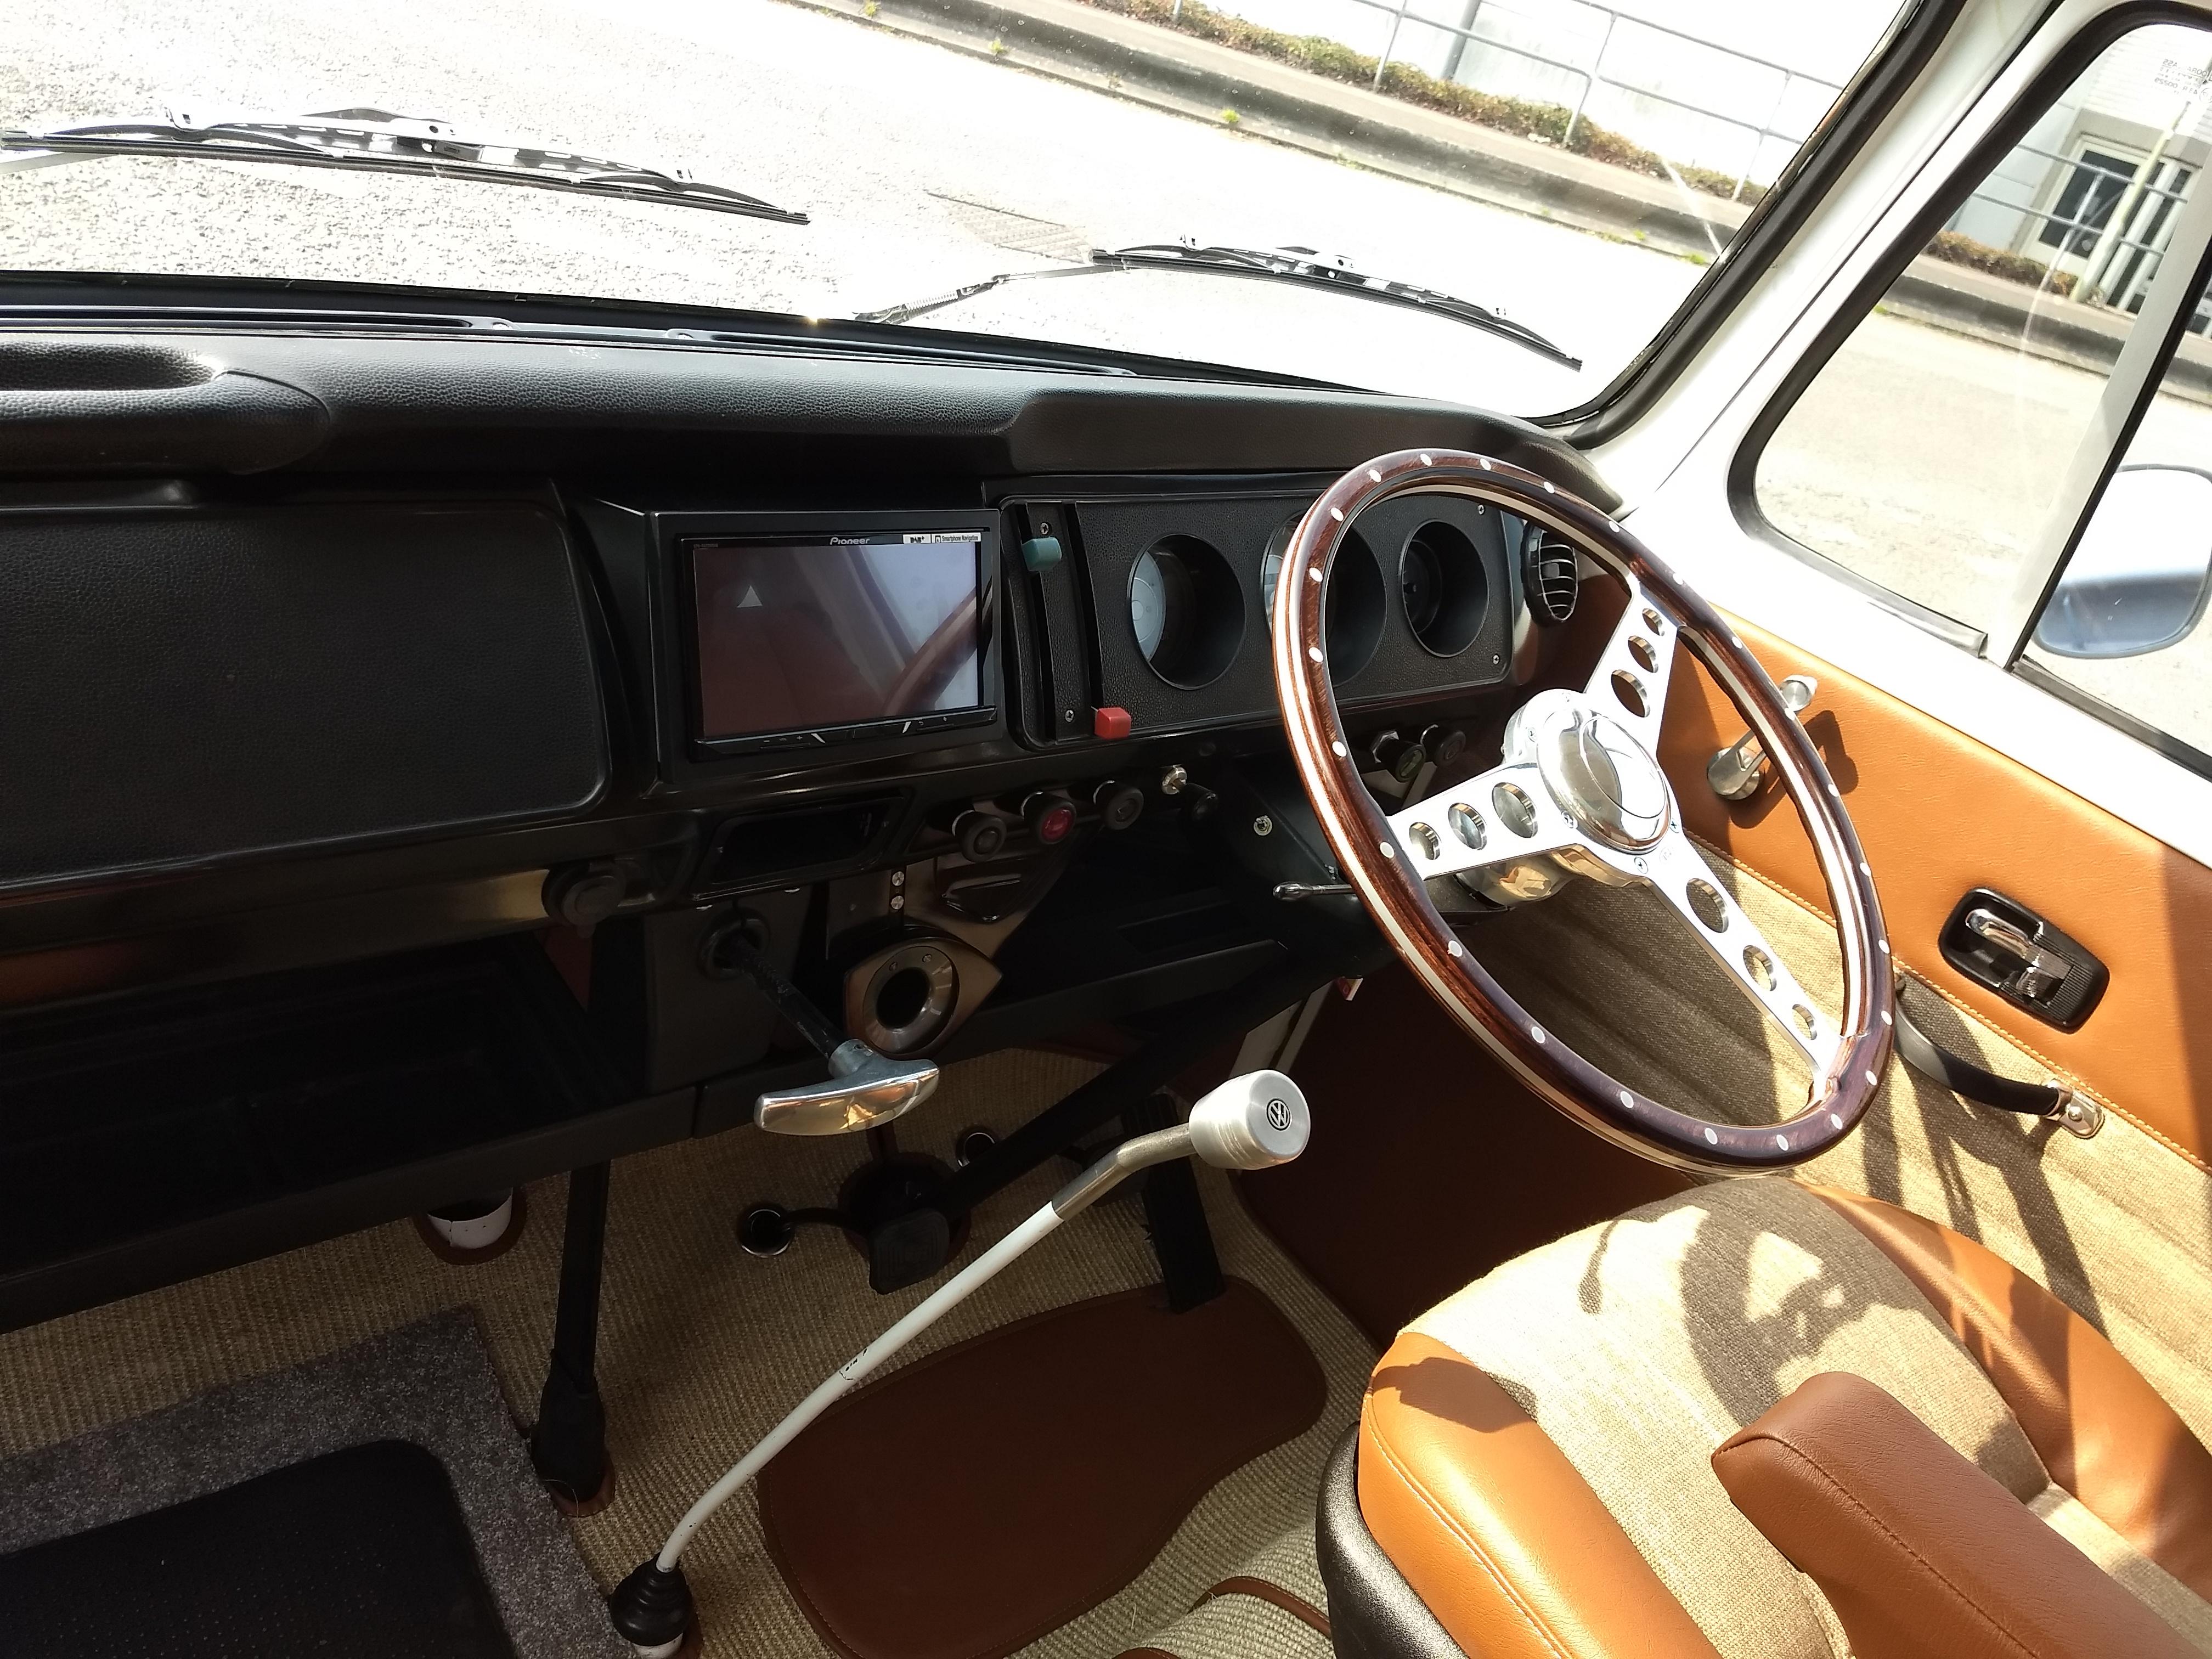 VW T2 bay window